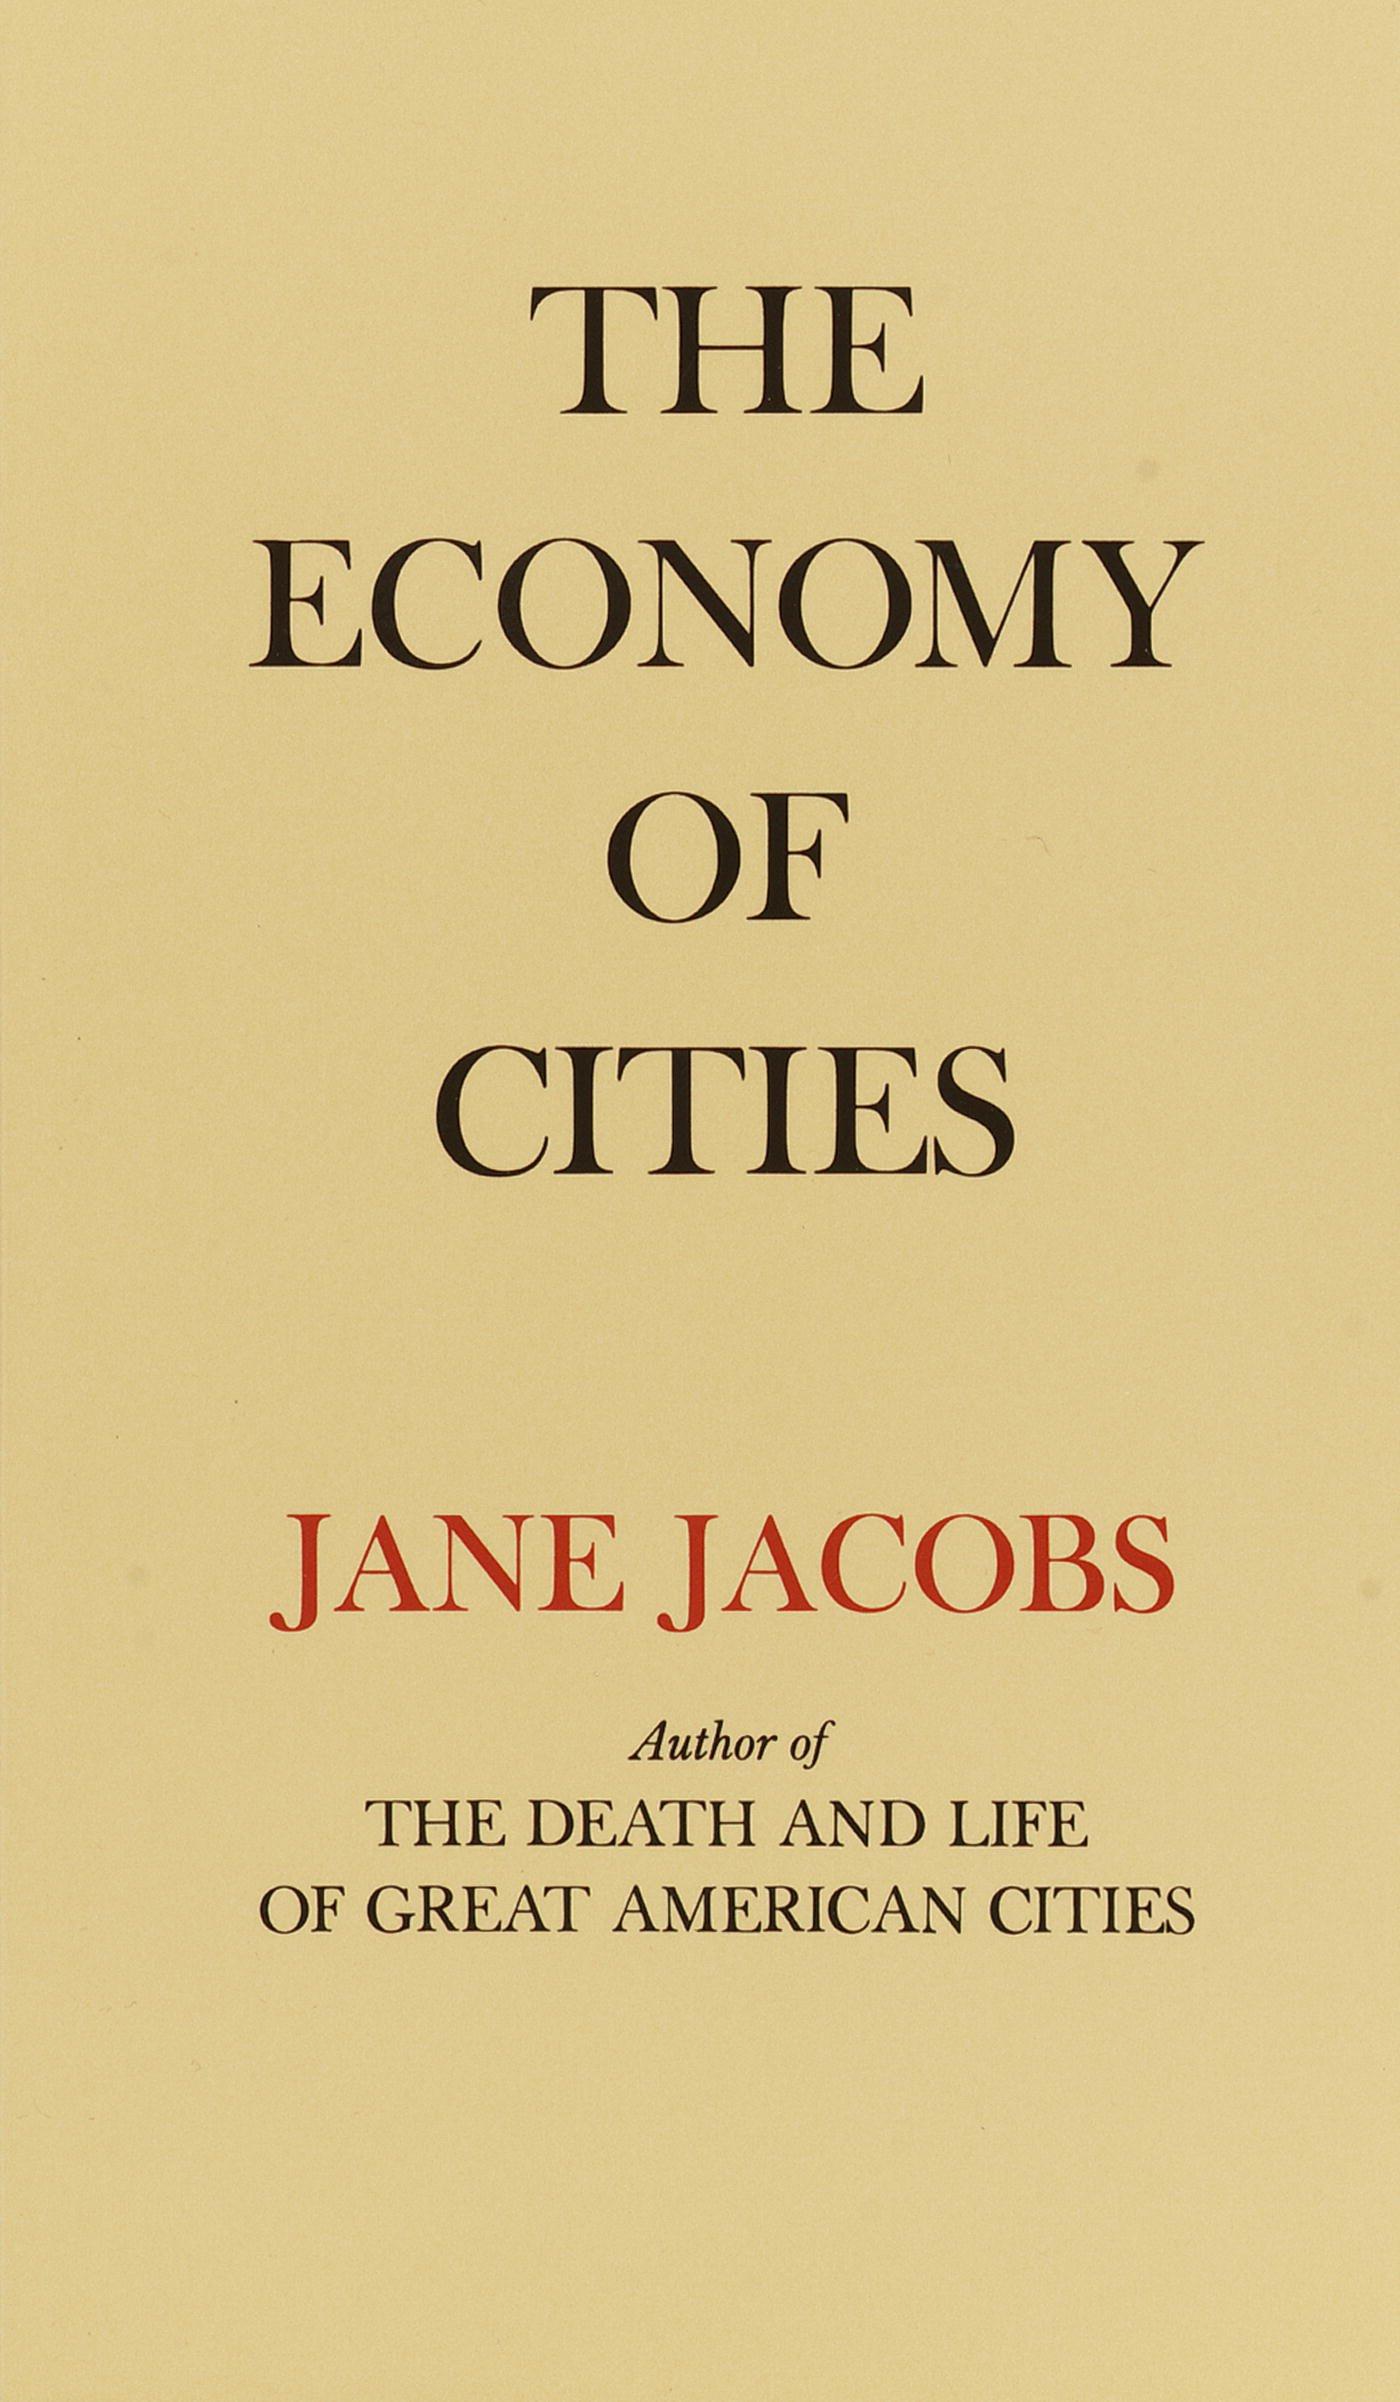 The Economy of Cities